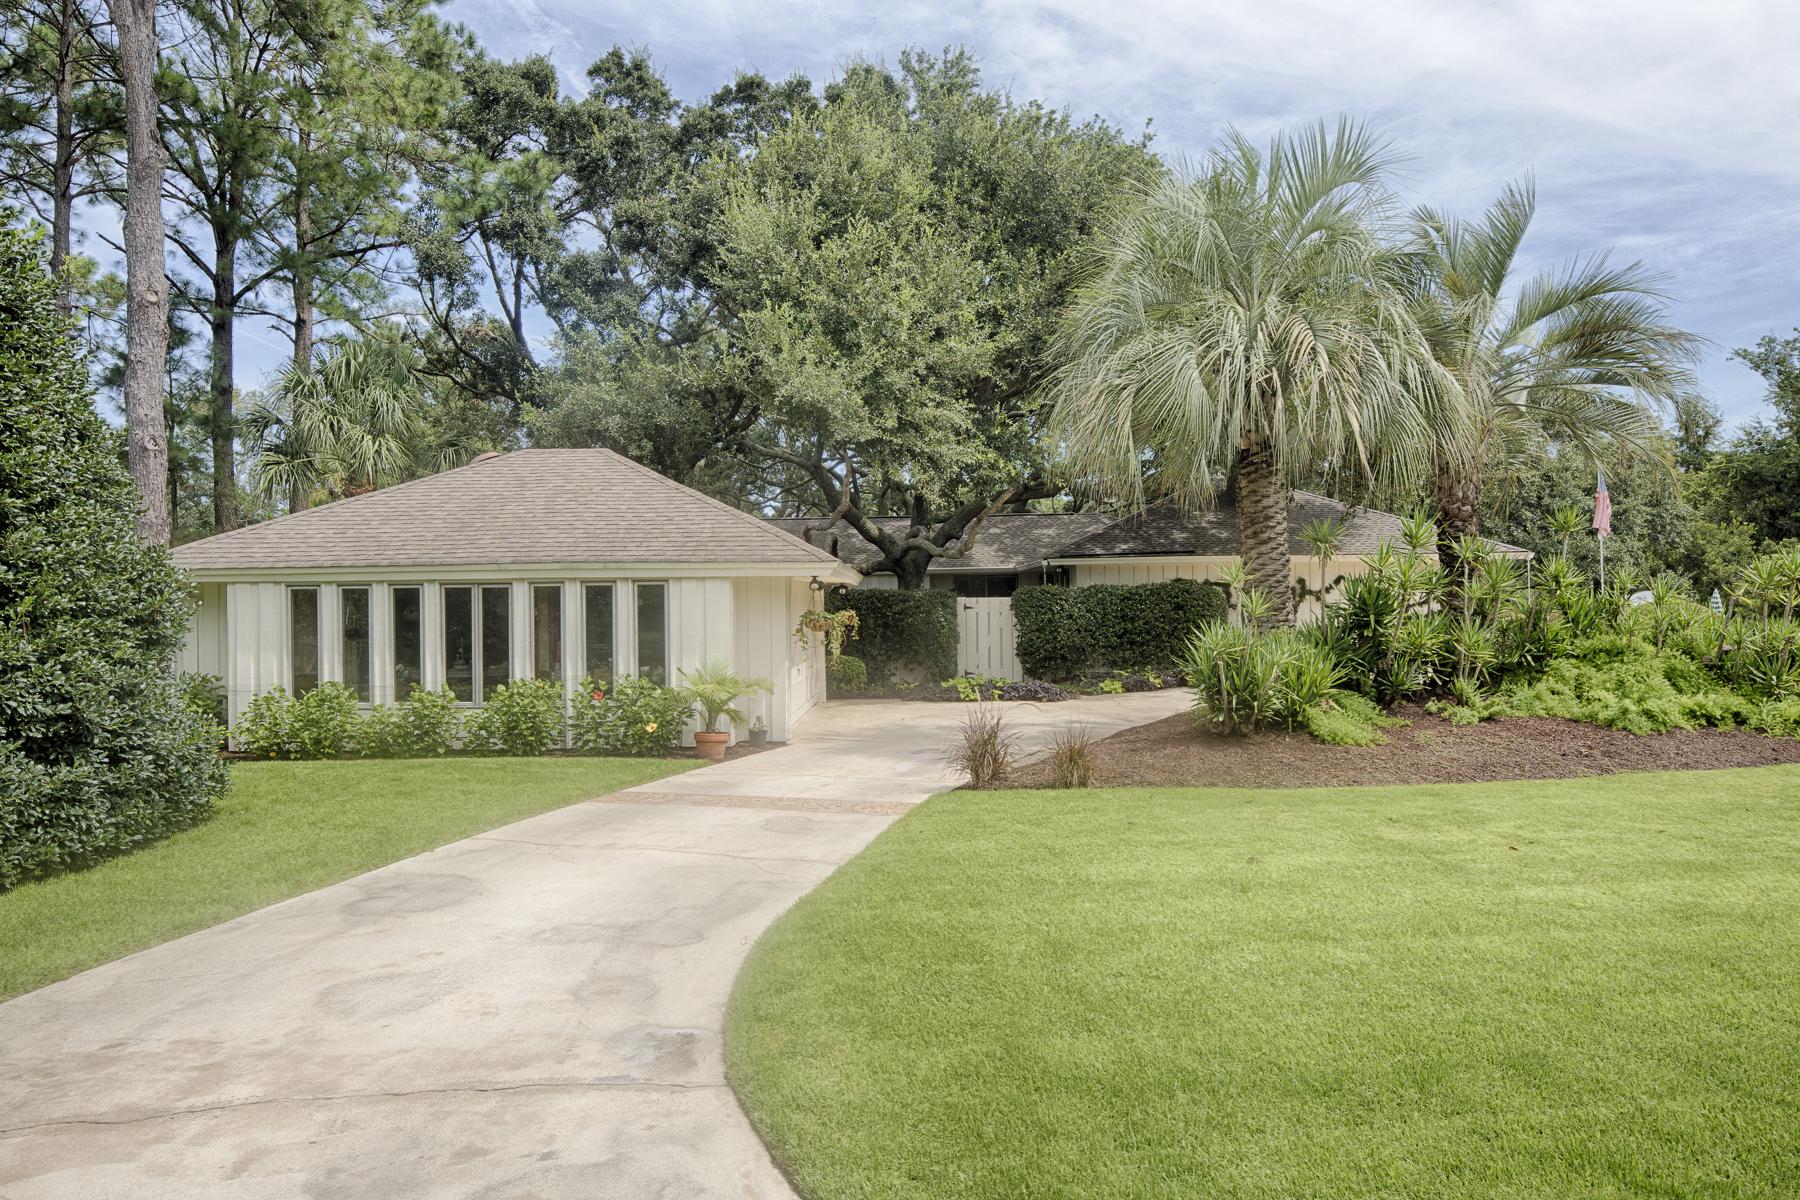 独户住宅 为 销售 在 Port Royal 2 Everglade Place 希尔顿黑德岛, 南卡罗来纳州 29928 美国